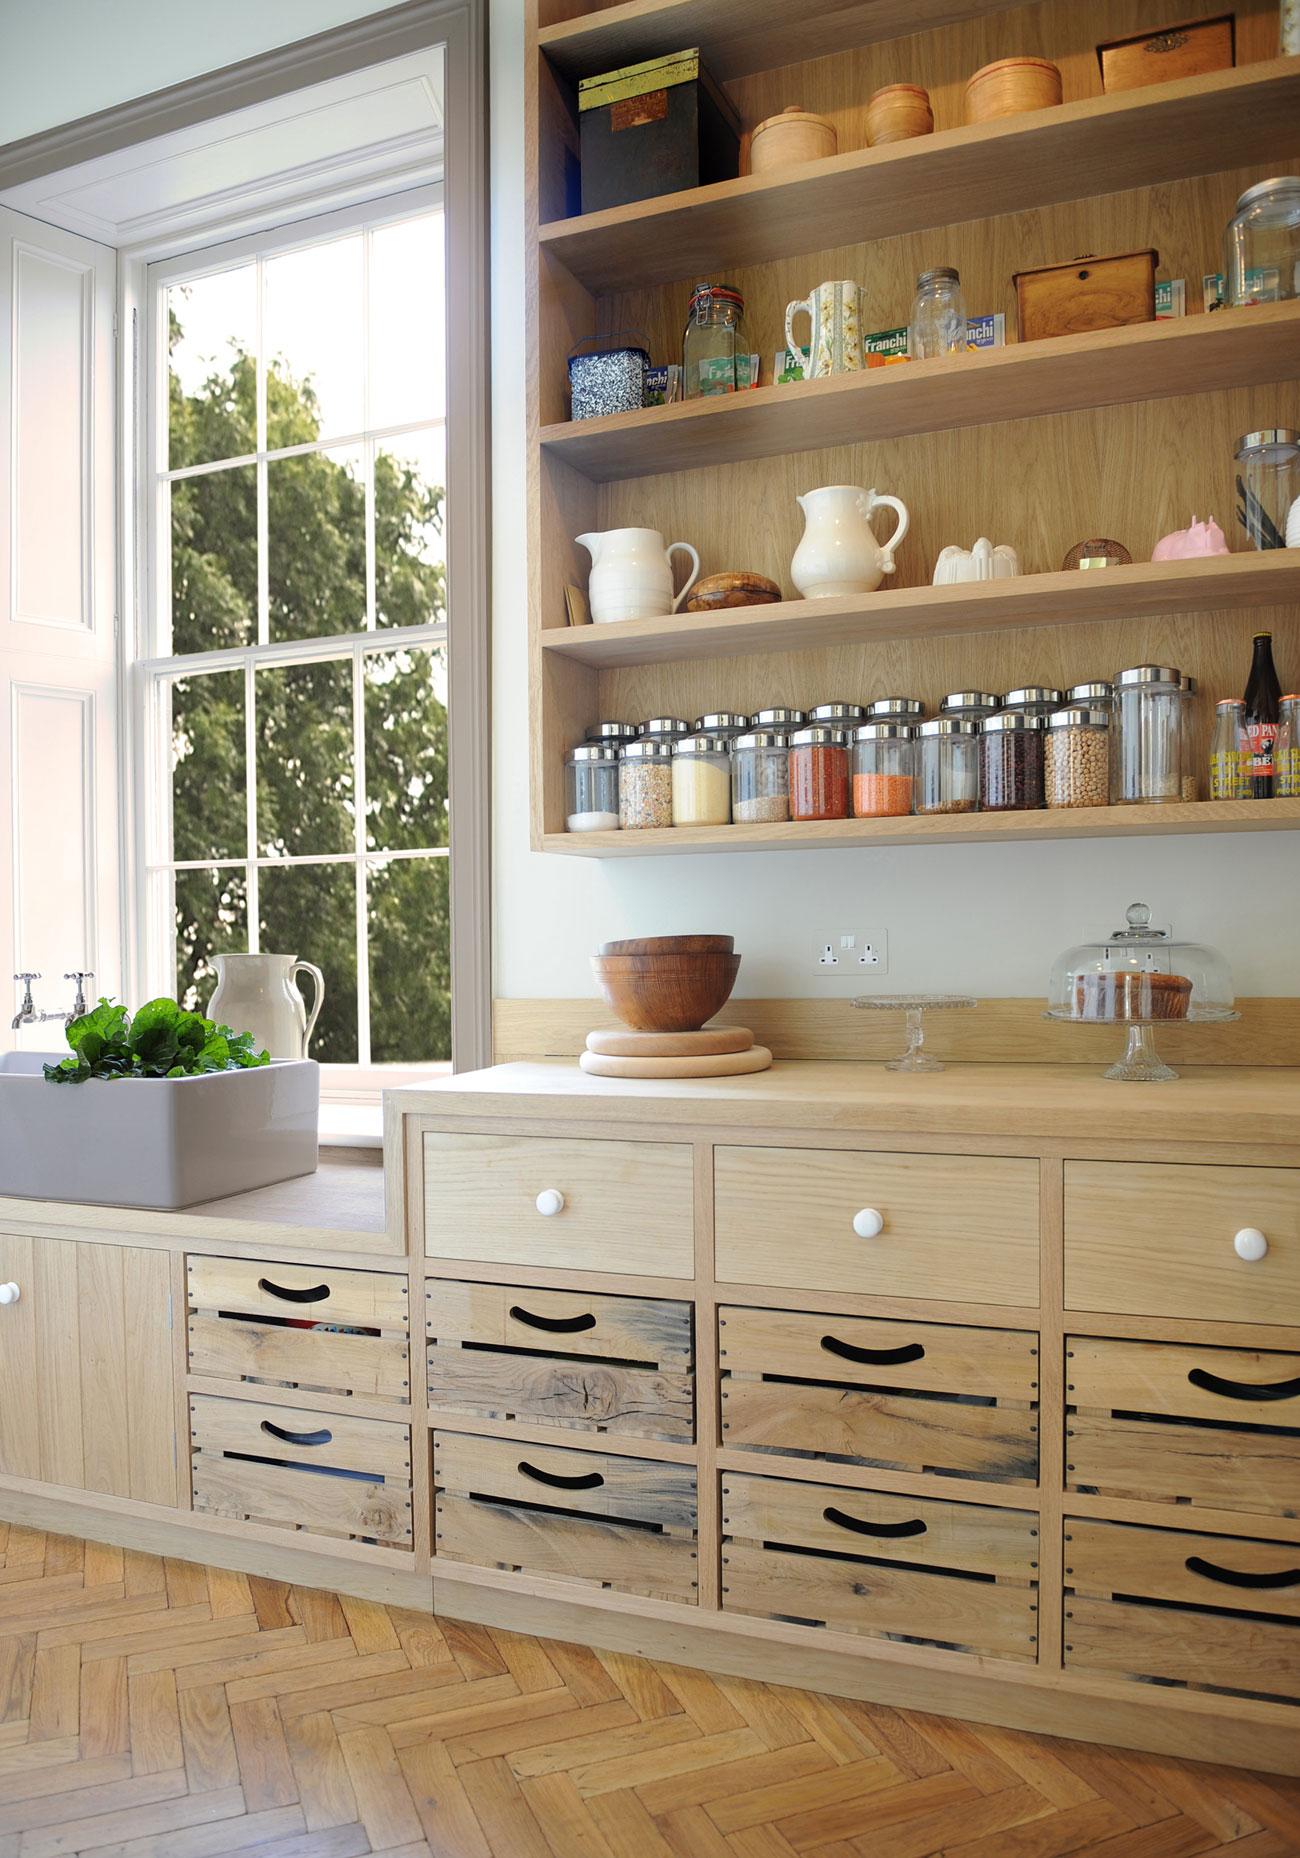 Mutfakların iç mekanları. Öz-tasarım için birkaç ipucu 33